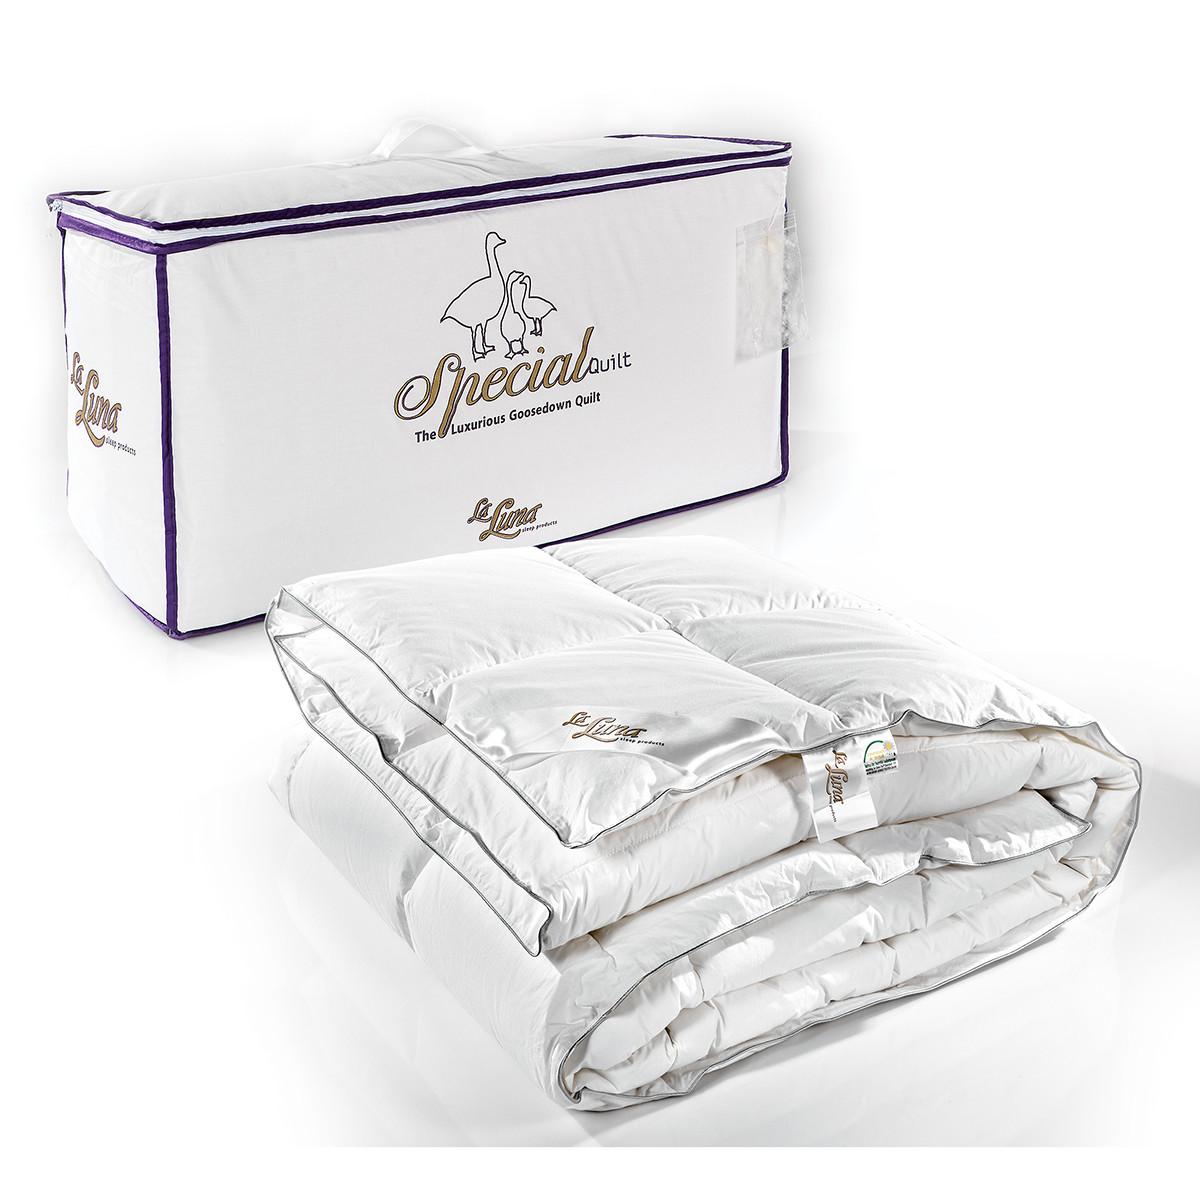 Πάπλωμα Πουπουλένιο Μονό La Luna Special 95/5 home   κρεβατοκάμαρα   παπλώματα   παπλώματα πουπουλένια